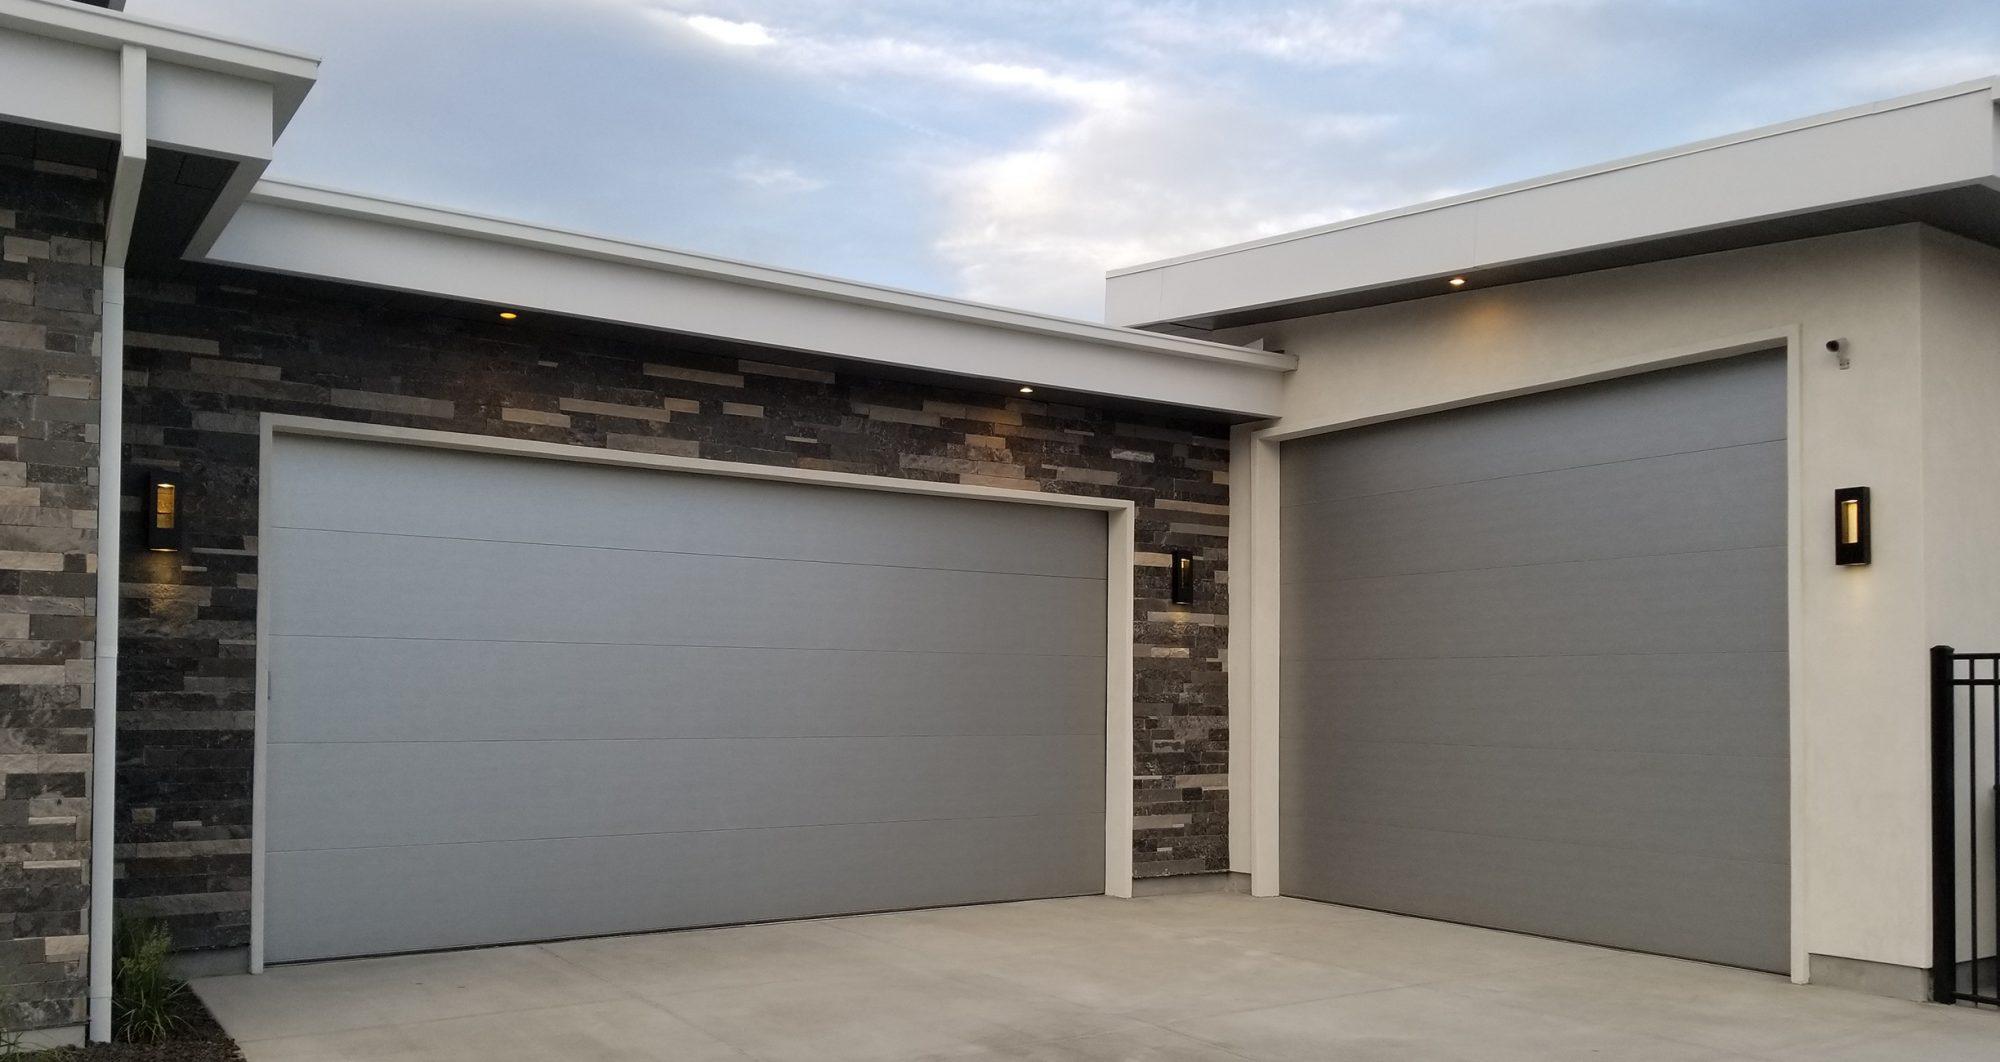 Steel Garage Doors Vs Aluminum Garage Doors? Which Material is Best?